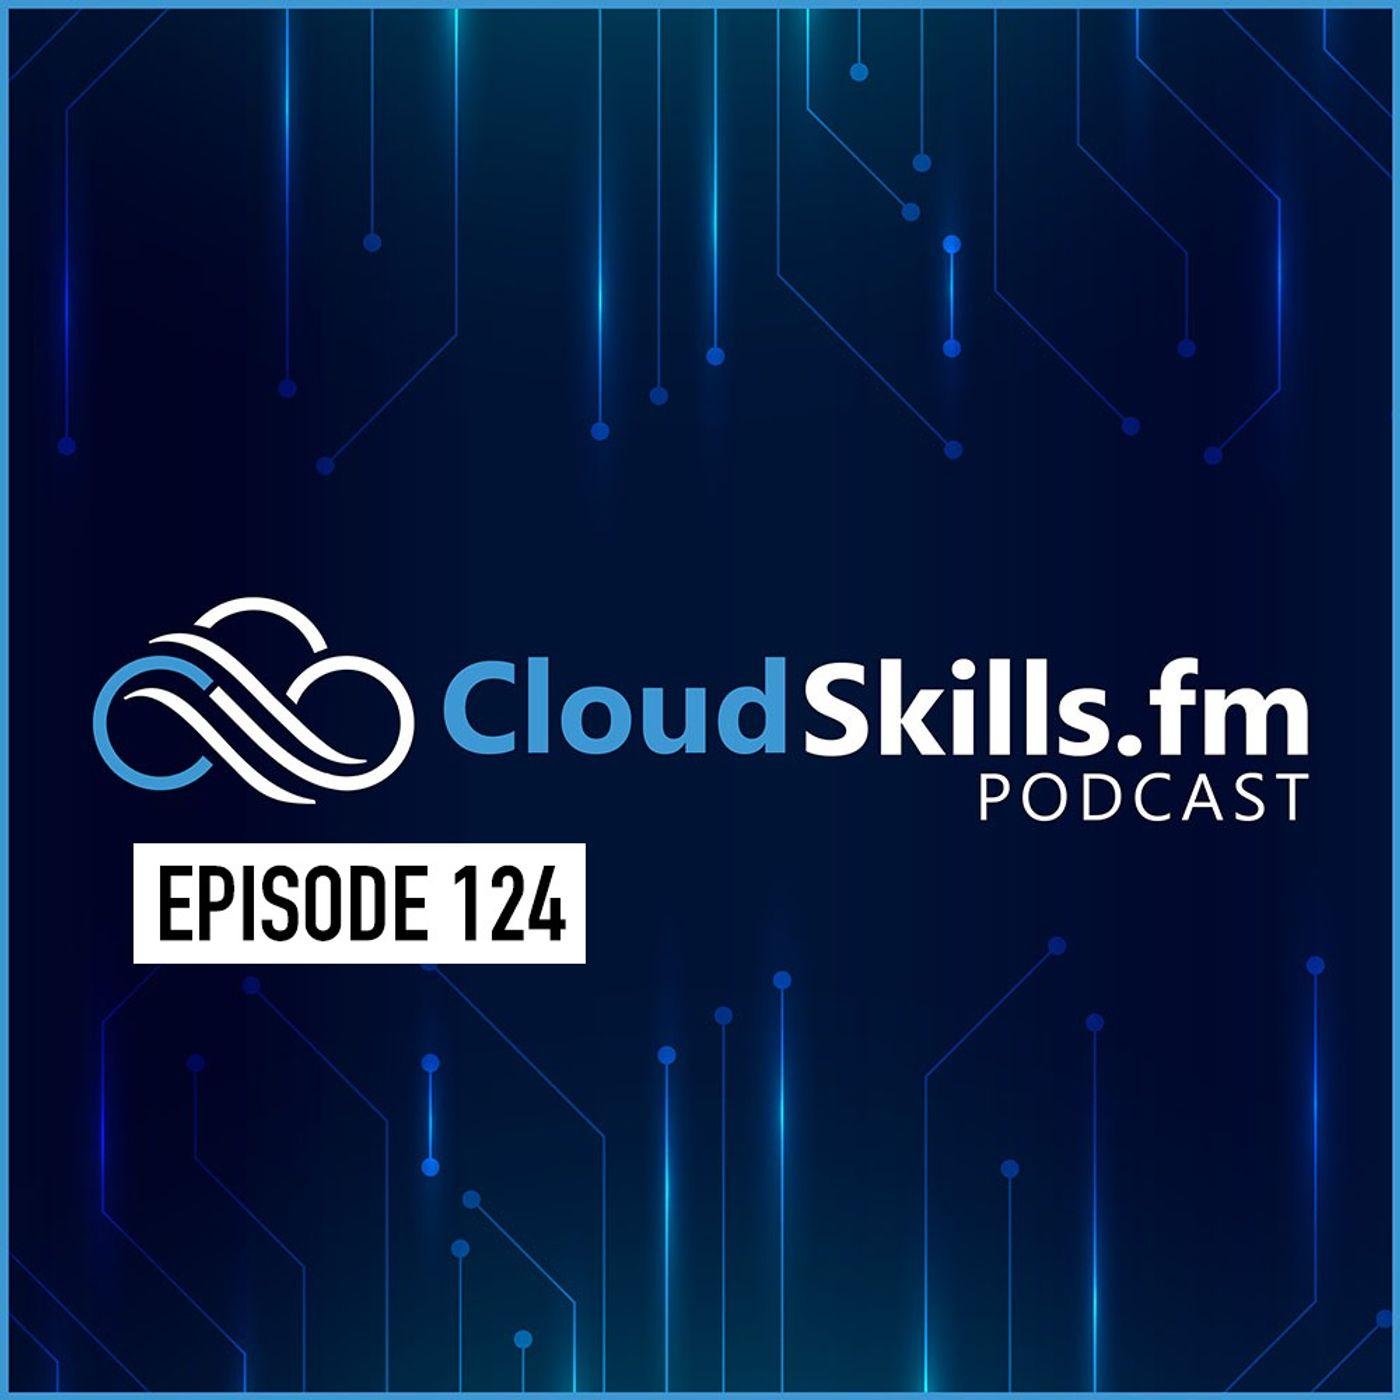 124: Tim Warner on Building Your Azure Cloud Skills